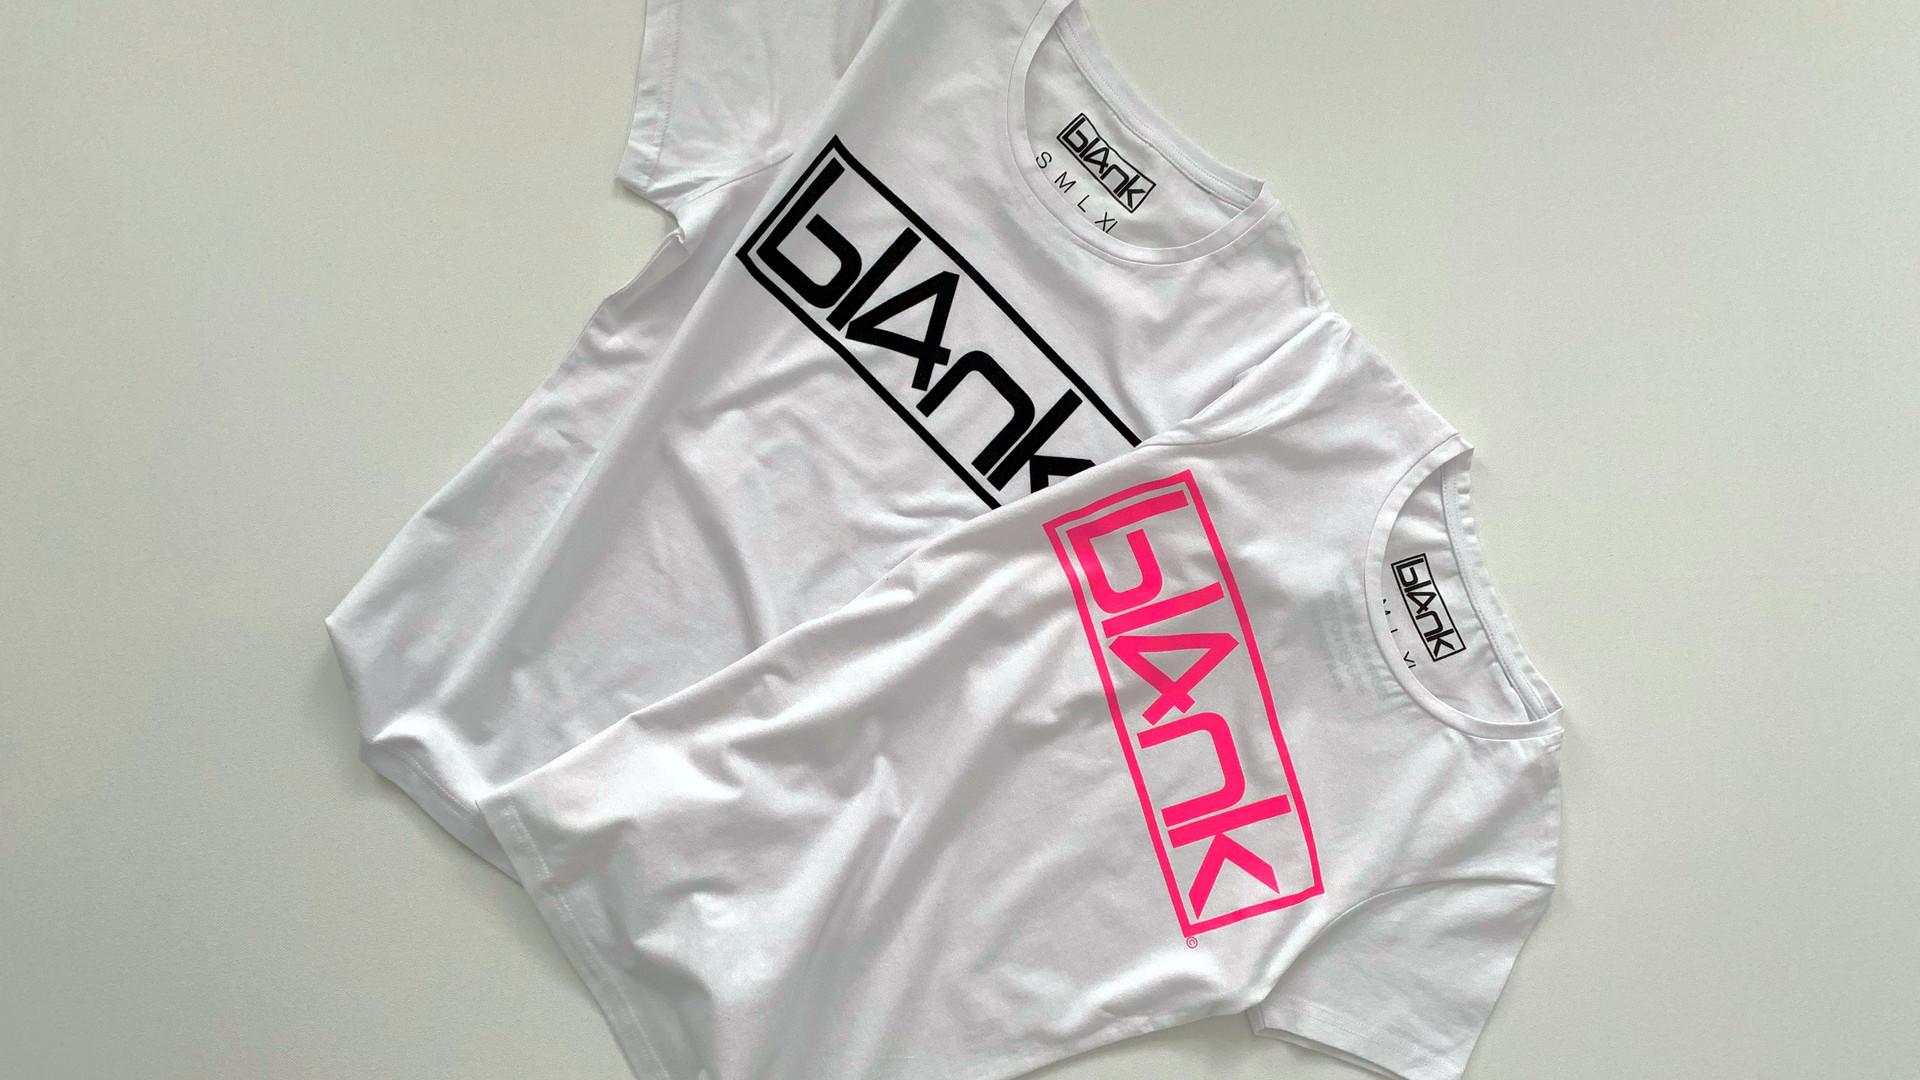 bl4nk logo womens tshirts